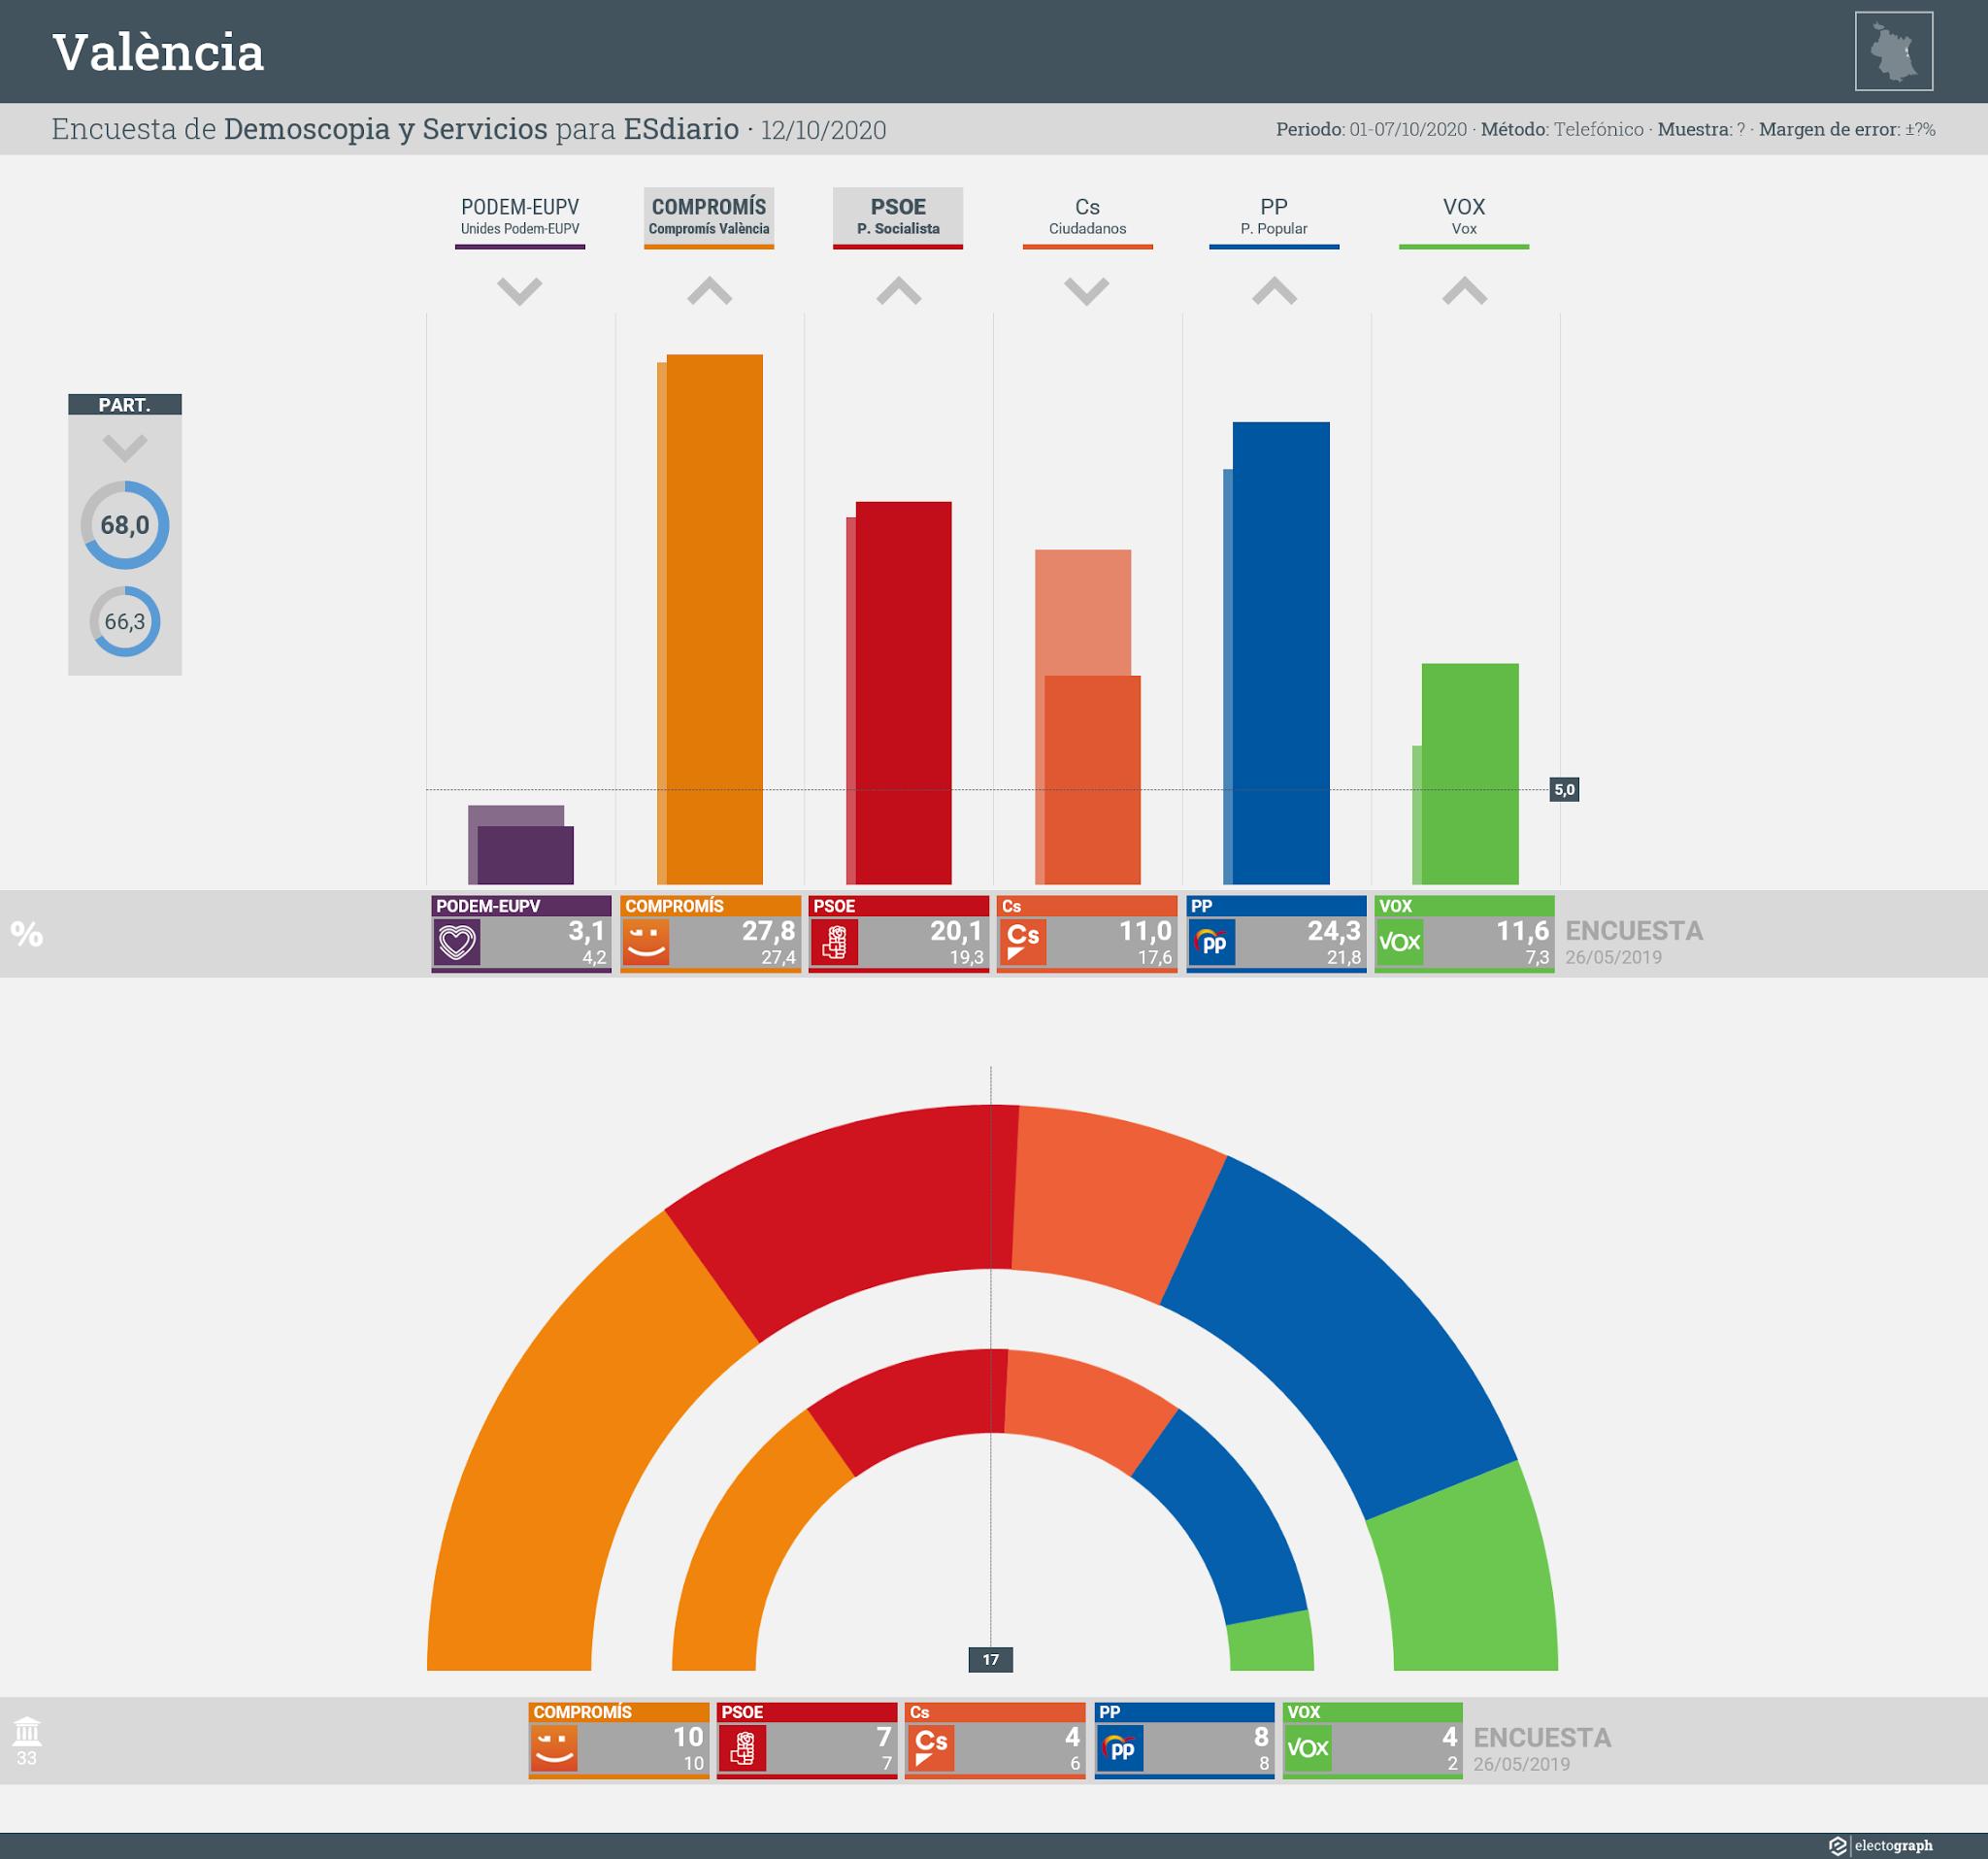 Gráfico de la encuesta para elecciones municipales en València realizada por Demoscopia y Servicios para ESdiario, 12 de octubre de 2020